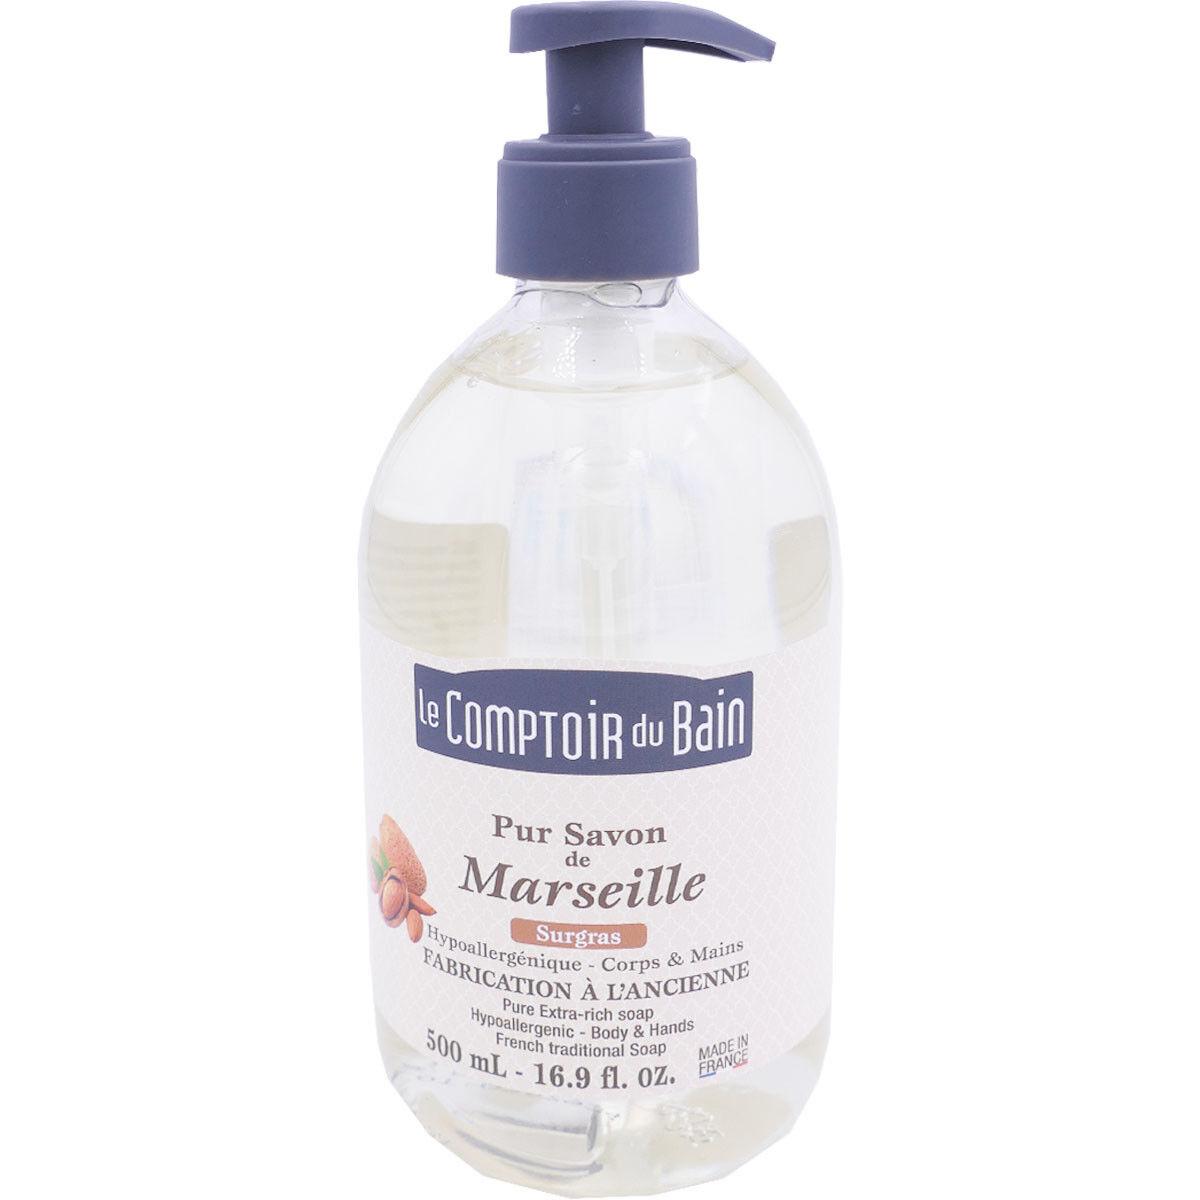 Le comptoir du bain pur savon de marseille surgras 500ml